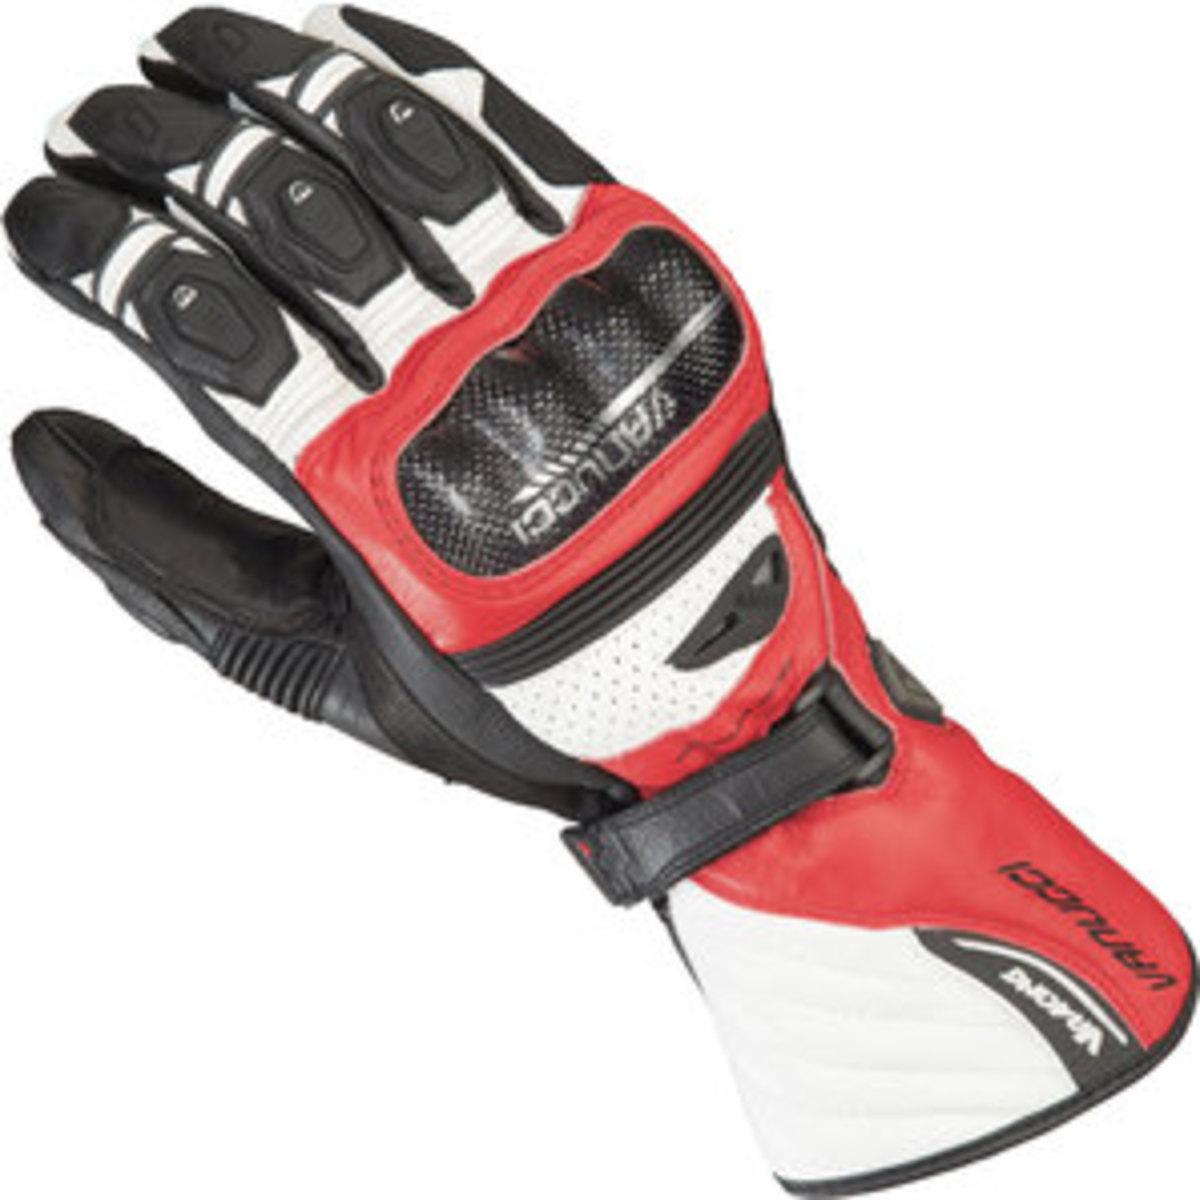 Bild 1 von Vanucci Competizione II Handschuhe